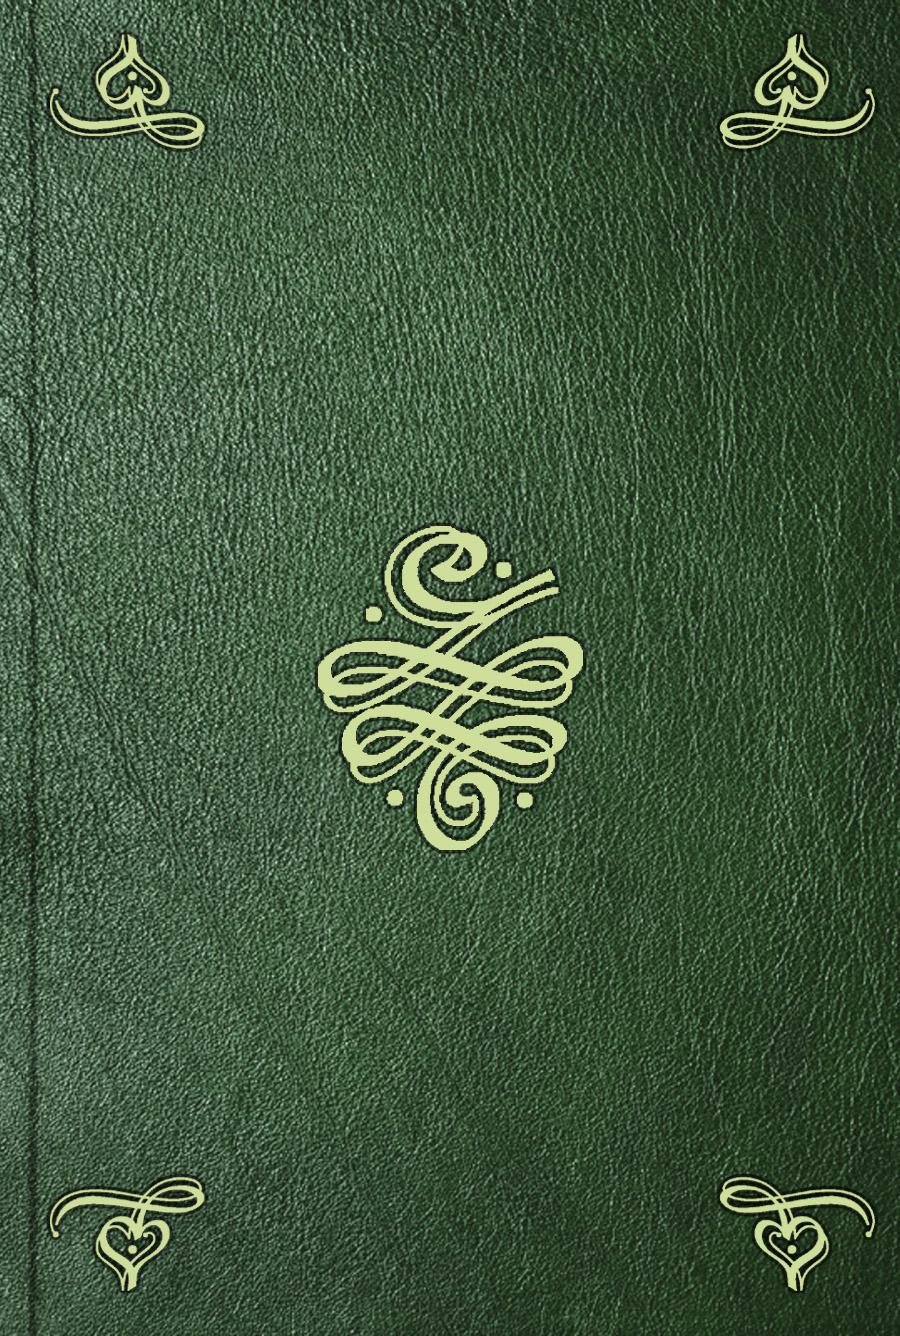 Johann Gottfried Herder Briefe zu Beförderung der Humanität. Sammlung 6 johann gottfried herder briefe zu beförderung der humanität sammlung 4